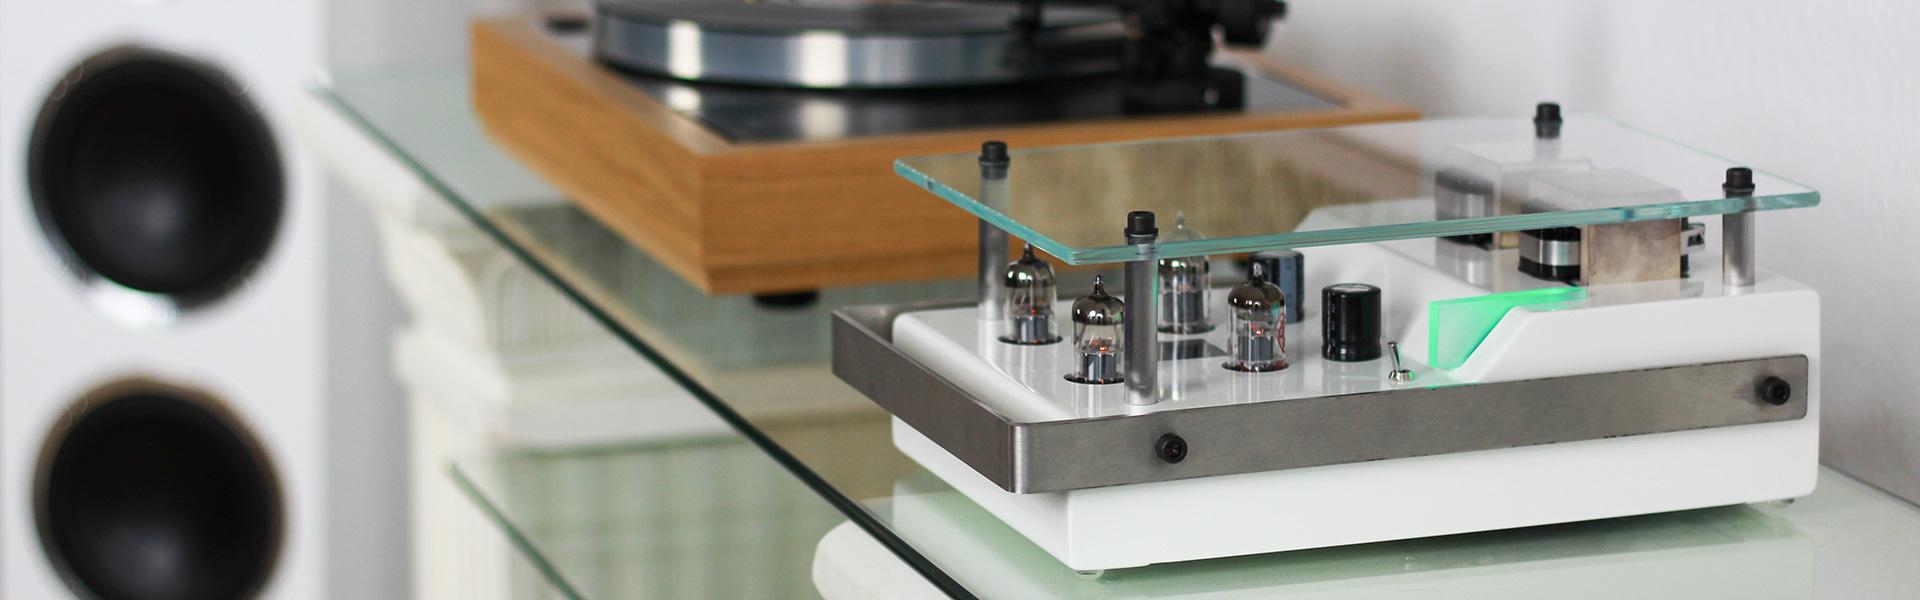 audioCulture bietet Verstärker für ein Klangerlebnis